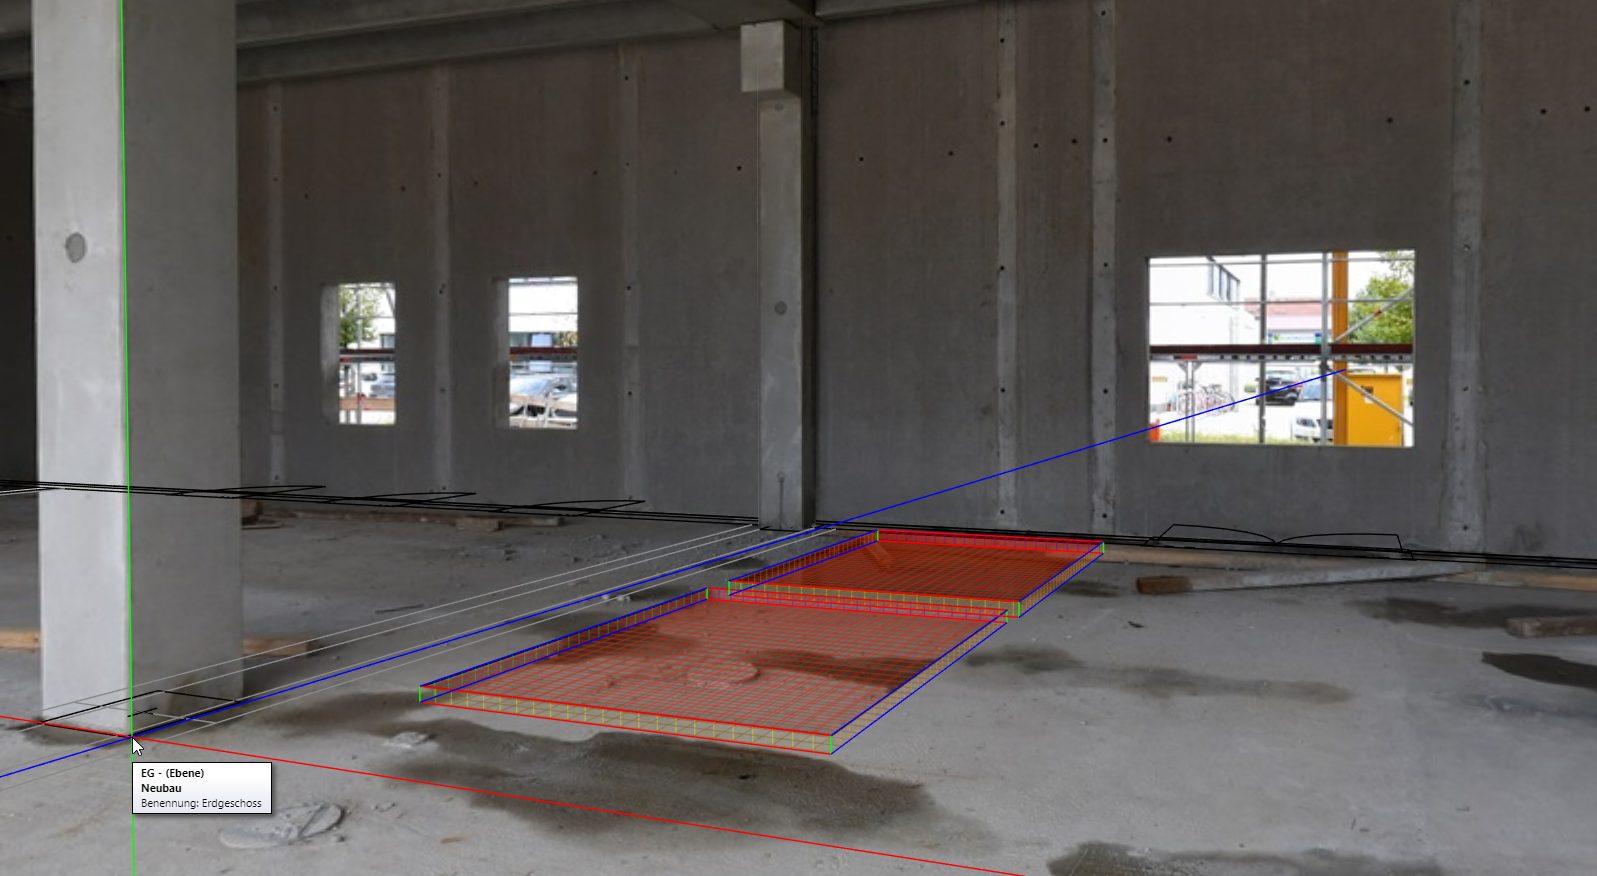 Durch die Überlagerung des Panoramabildes auf die Baupläne kann der Baufortschritt überwacht werden – auch wenn man nicht vor Ort ist. (Bild: Framence GmbH)